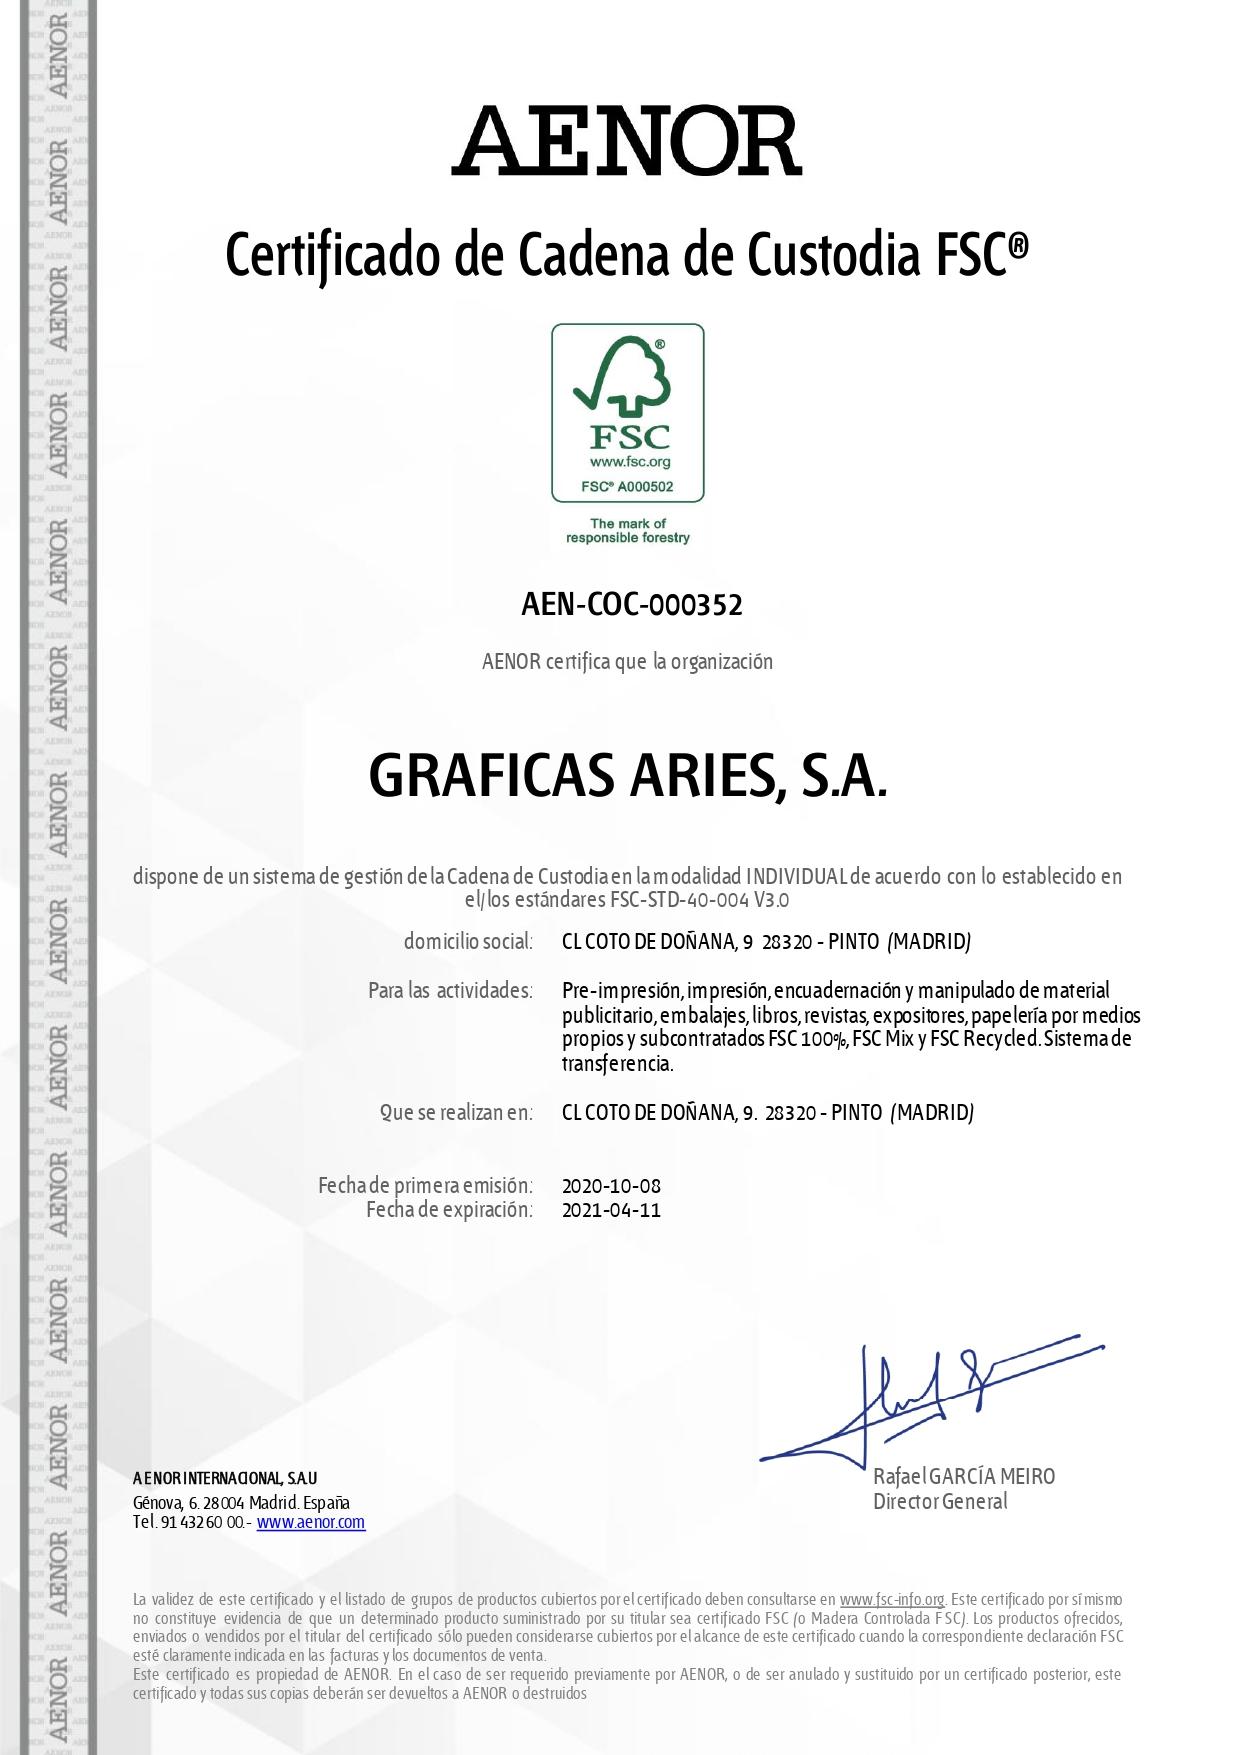 Certificado FSC AENOR hasta 11 abril 2021_page-0001